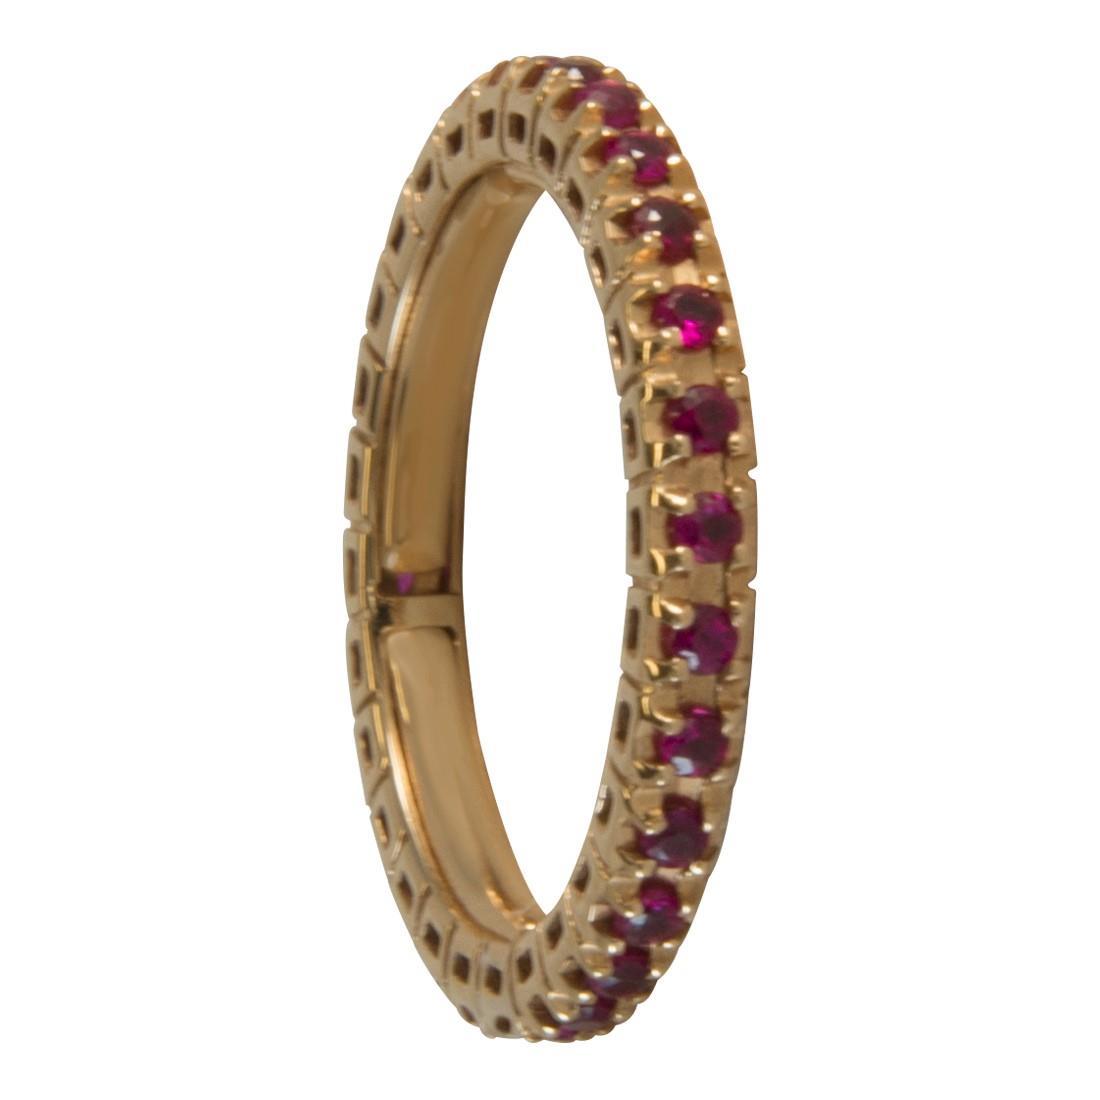 Anello  in oro giallo con rubini ct 0.60 - ALFIERI ST JOHN